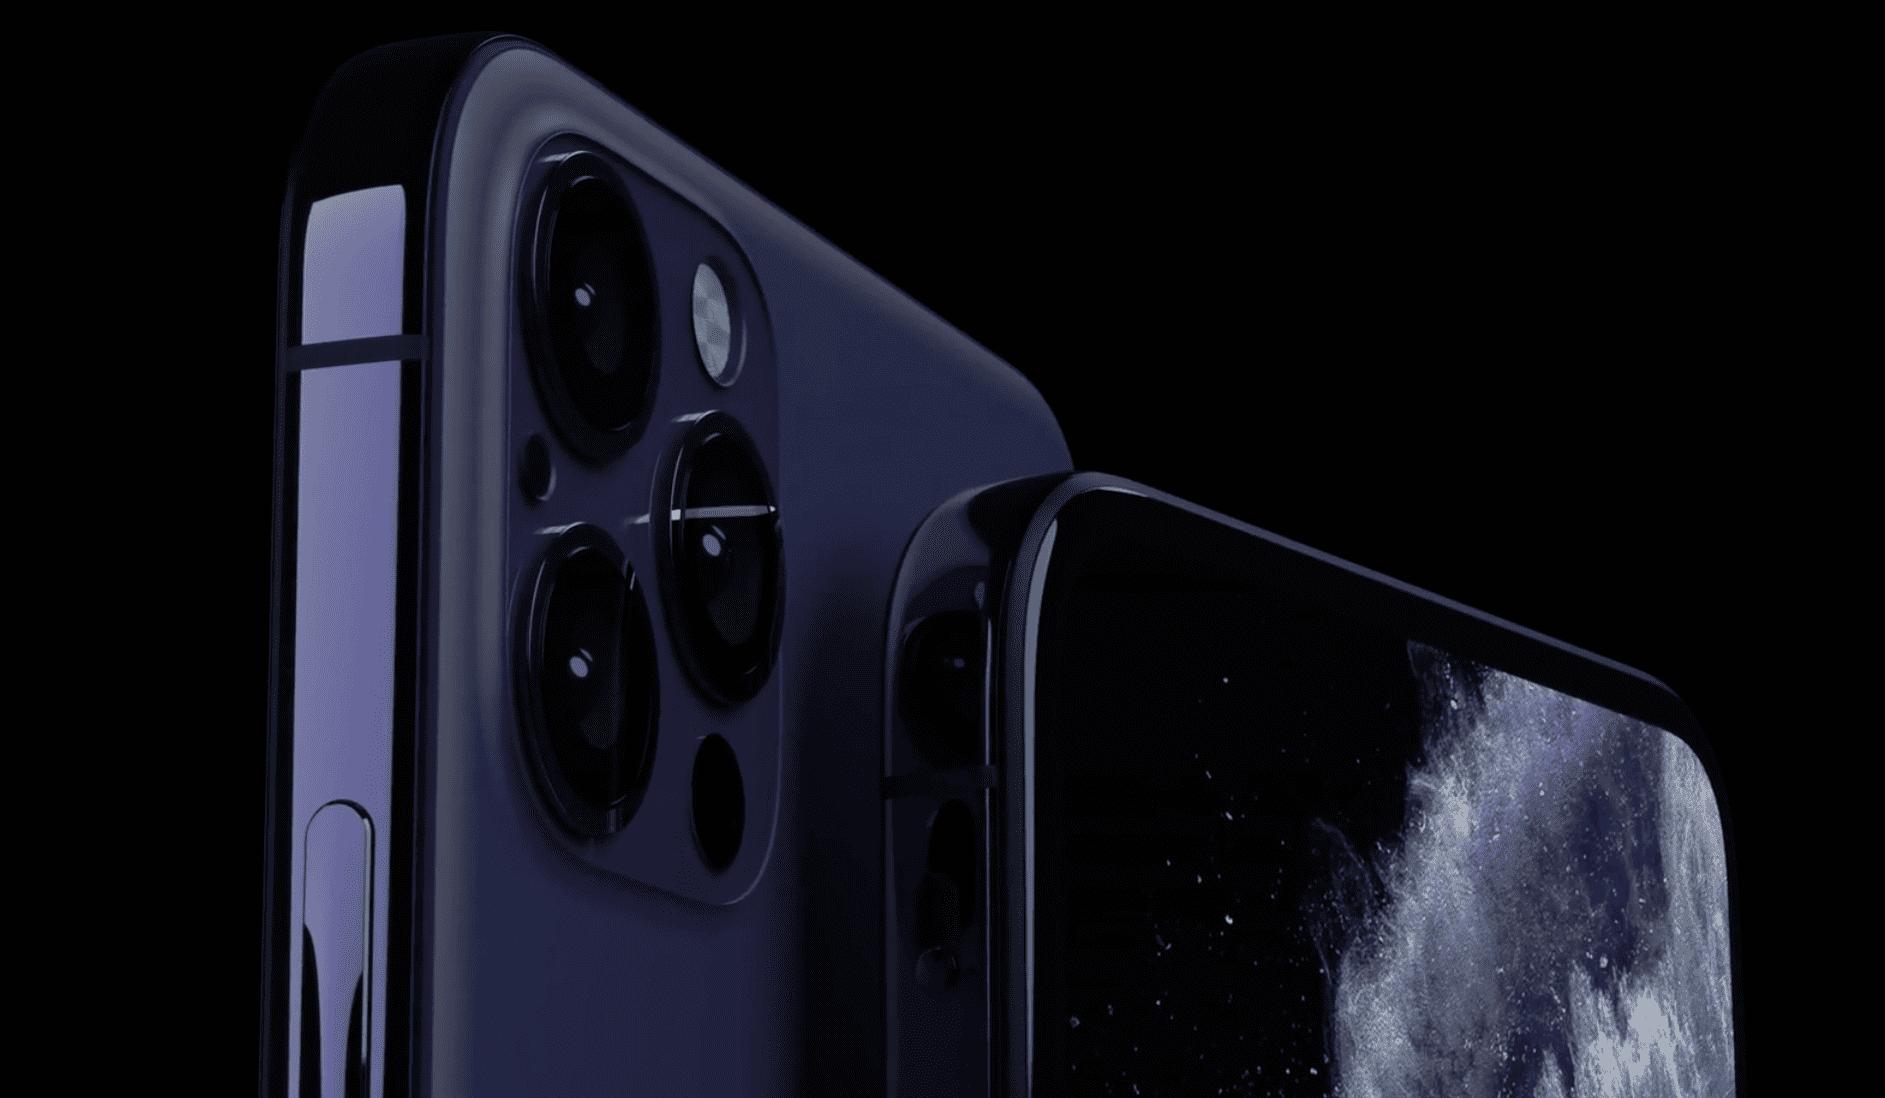 Iphone 12 Navy Blue Render Img 4